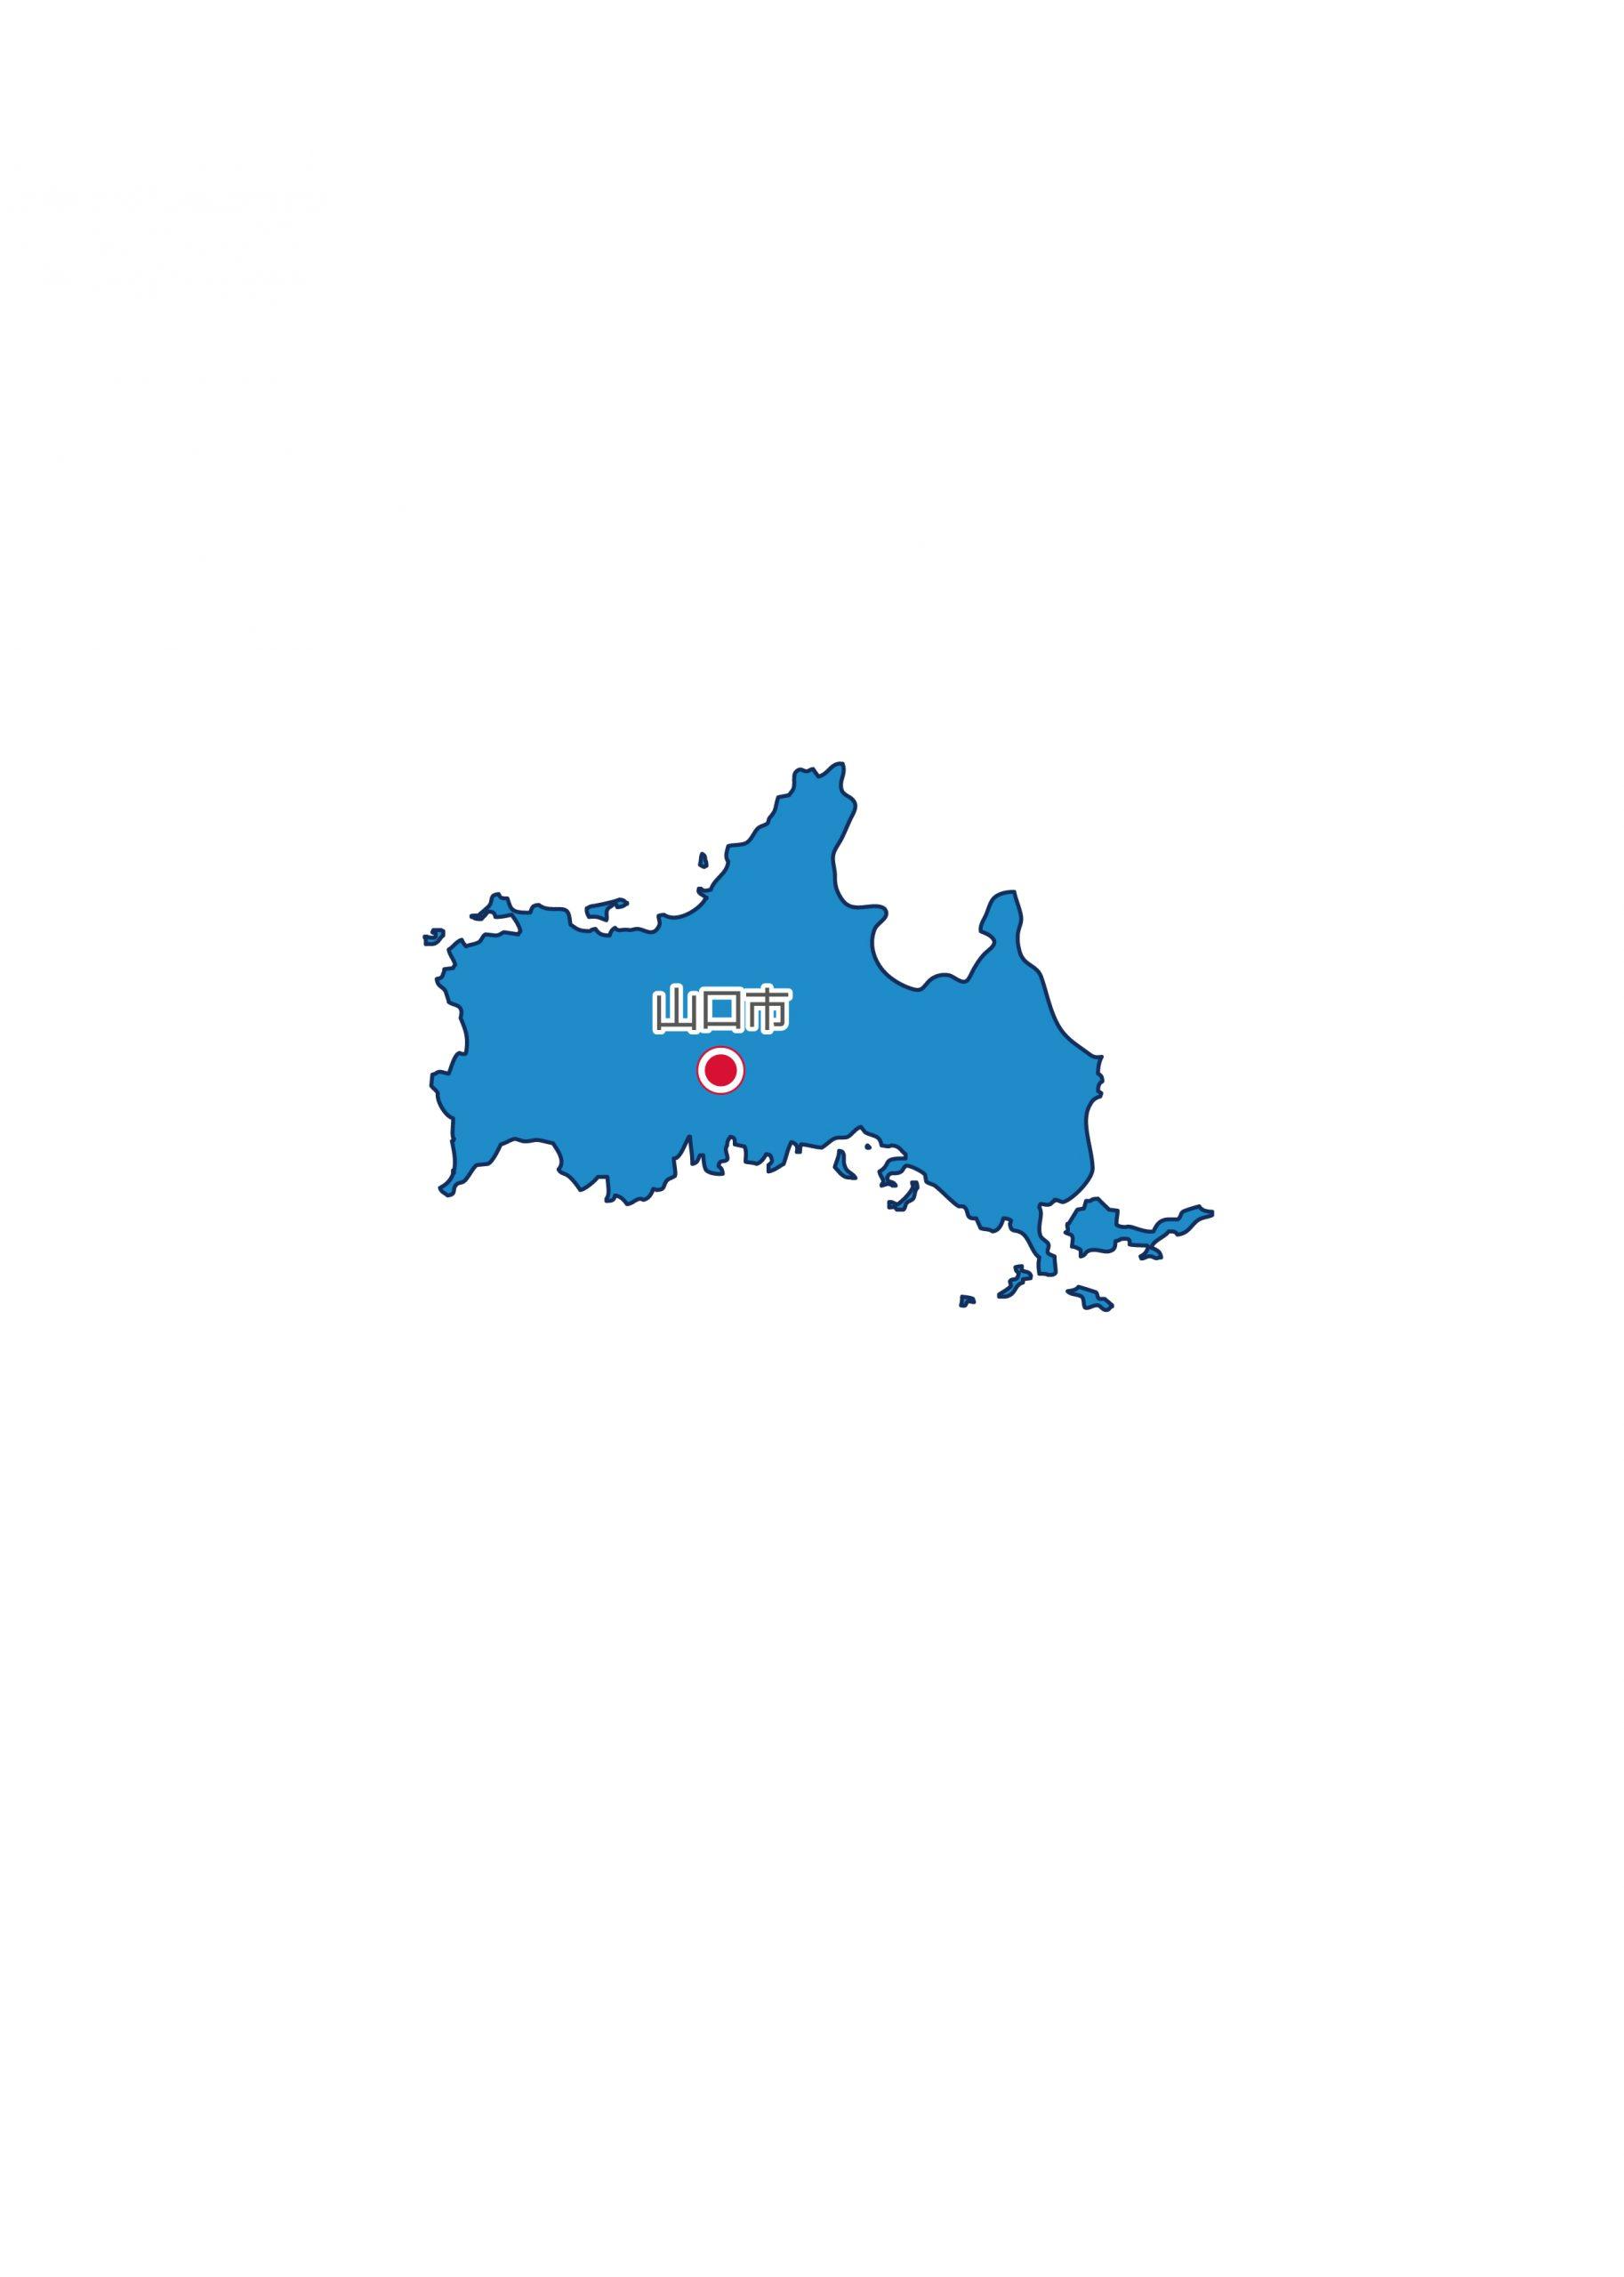 山口県無料フリーイラスト|日本語・県庁所在地あり(青)